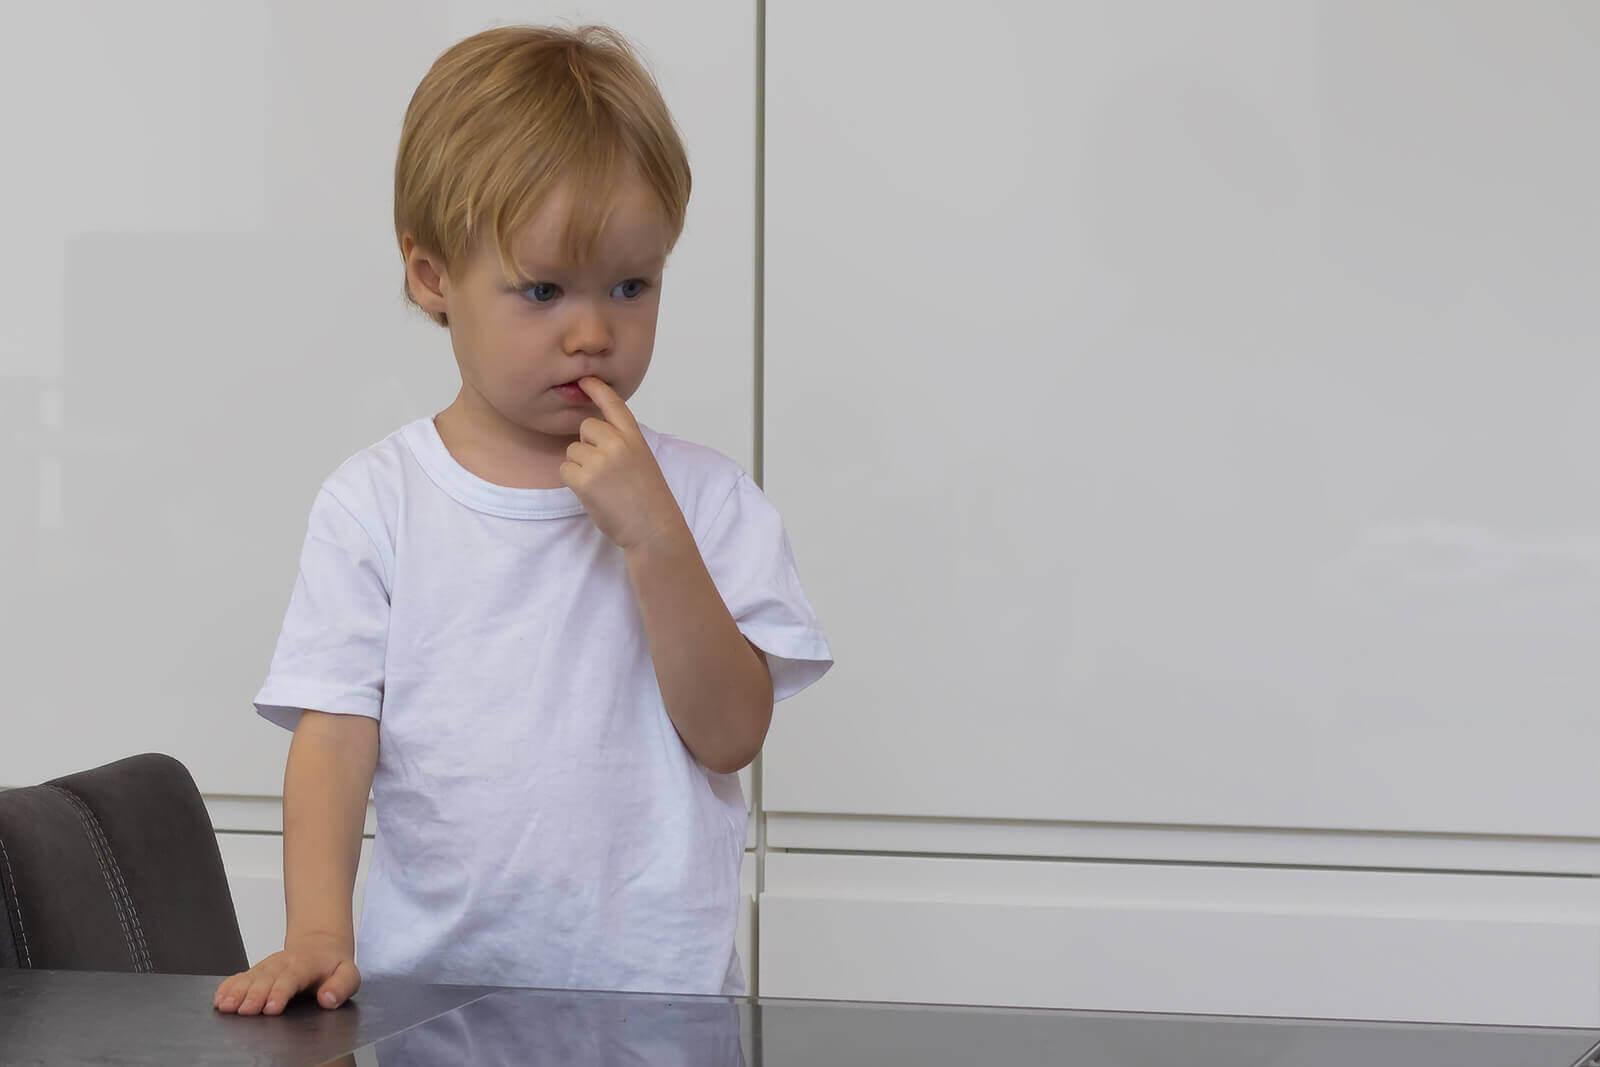 Sinais de ansiedade em crianças que podem passar despercebidos